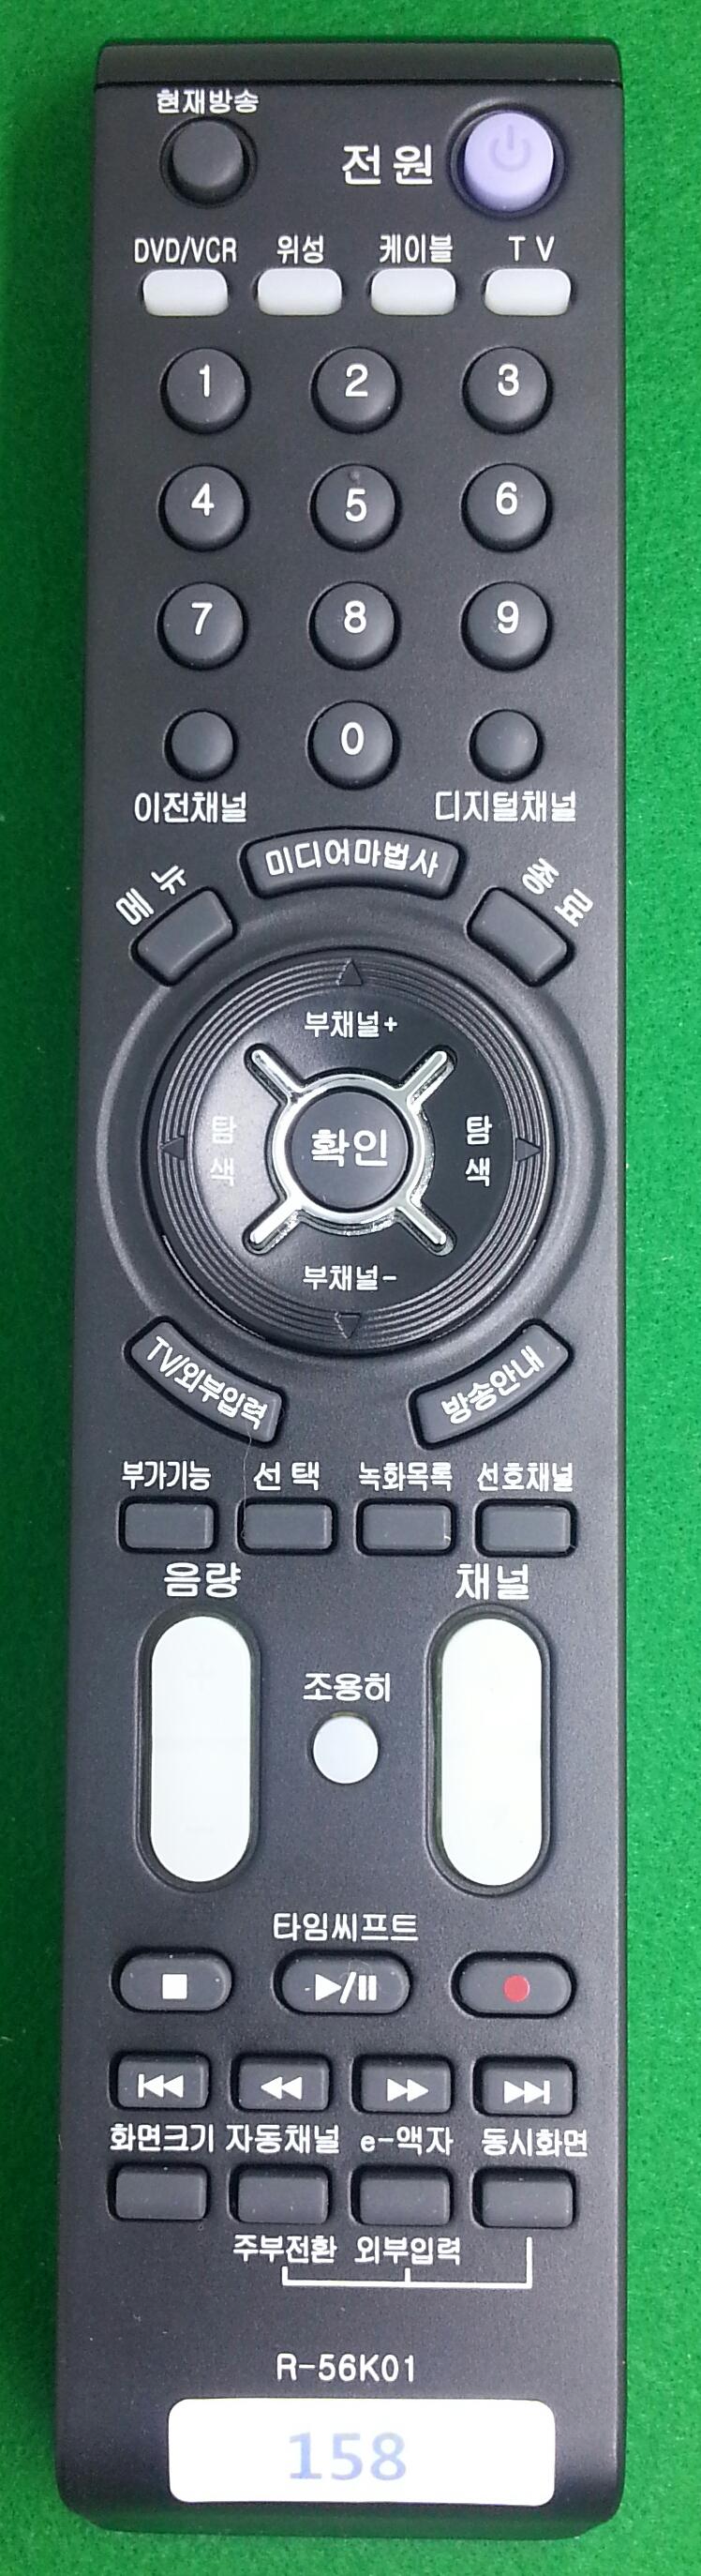 158_DAEWOO_TV_R-56K01-0.jpg